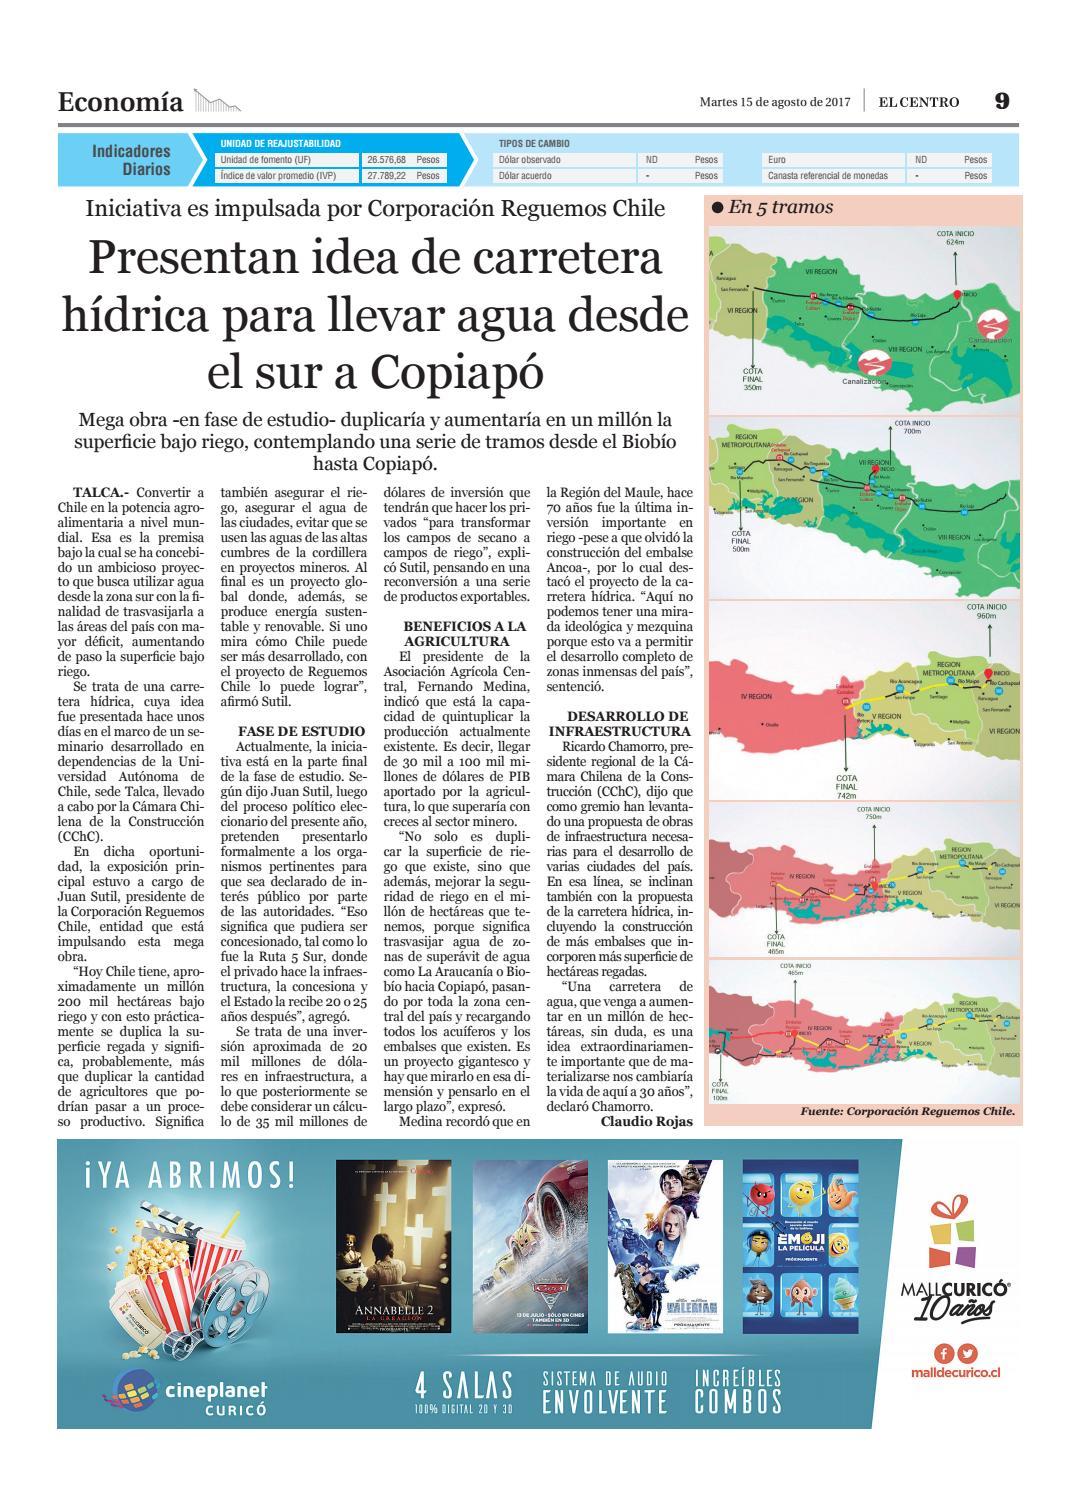 Presentan idea de carretera hídrica para llevar agua desde el sur a Copiapó